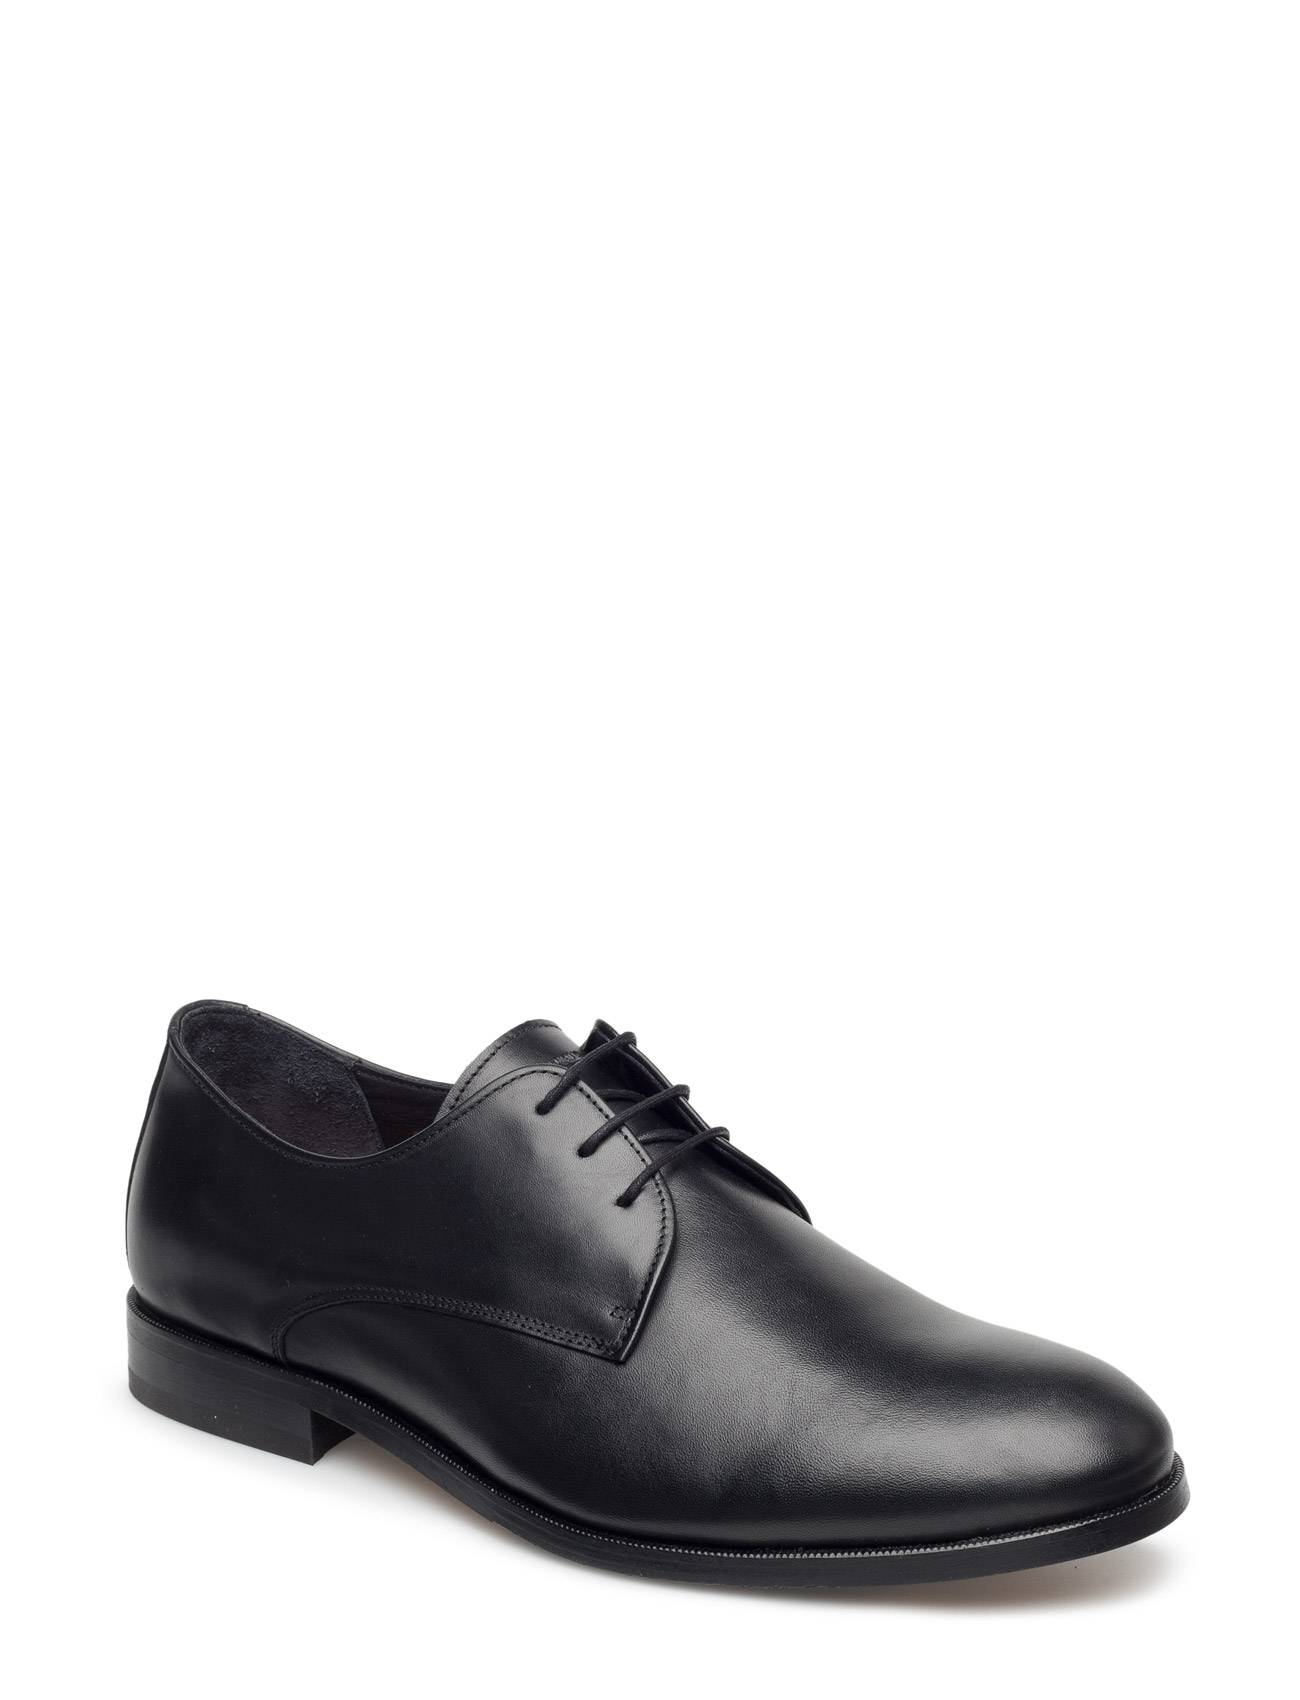 Royal RepubliQ Cast Derby Shoe - Classic